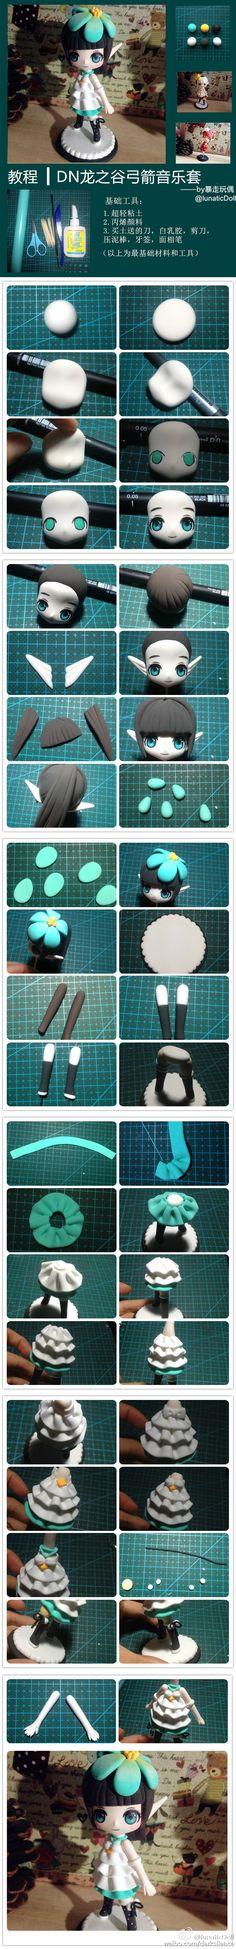 撸一发小弓...来自凤凤0914的图片分享-堆糖